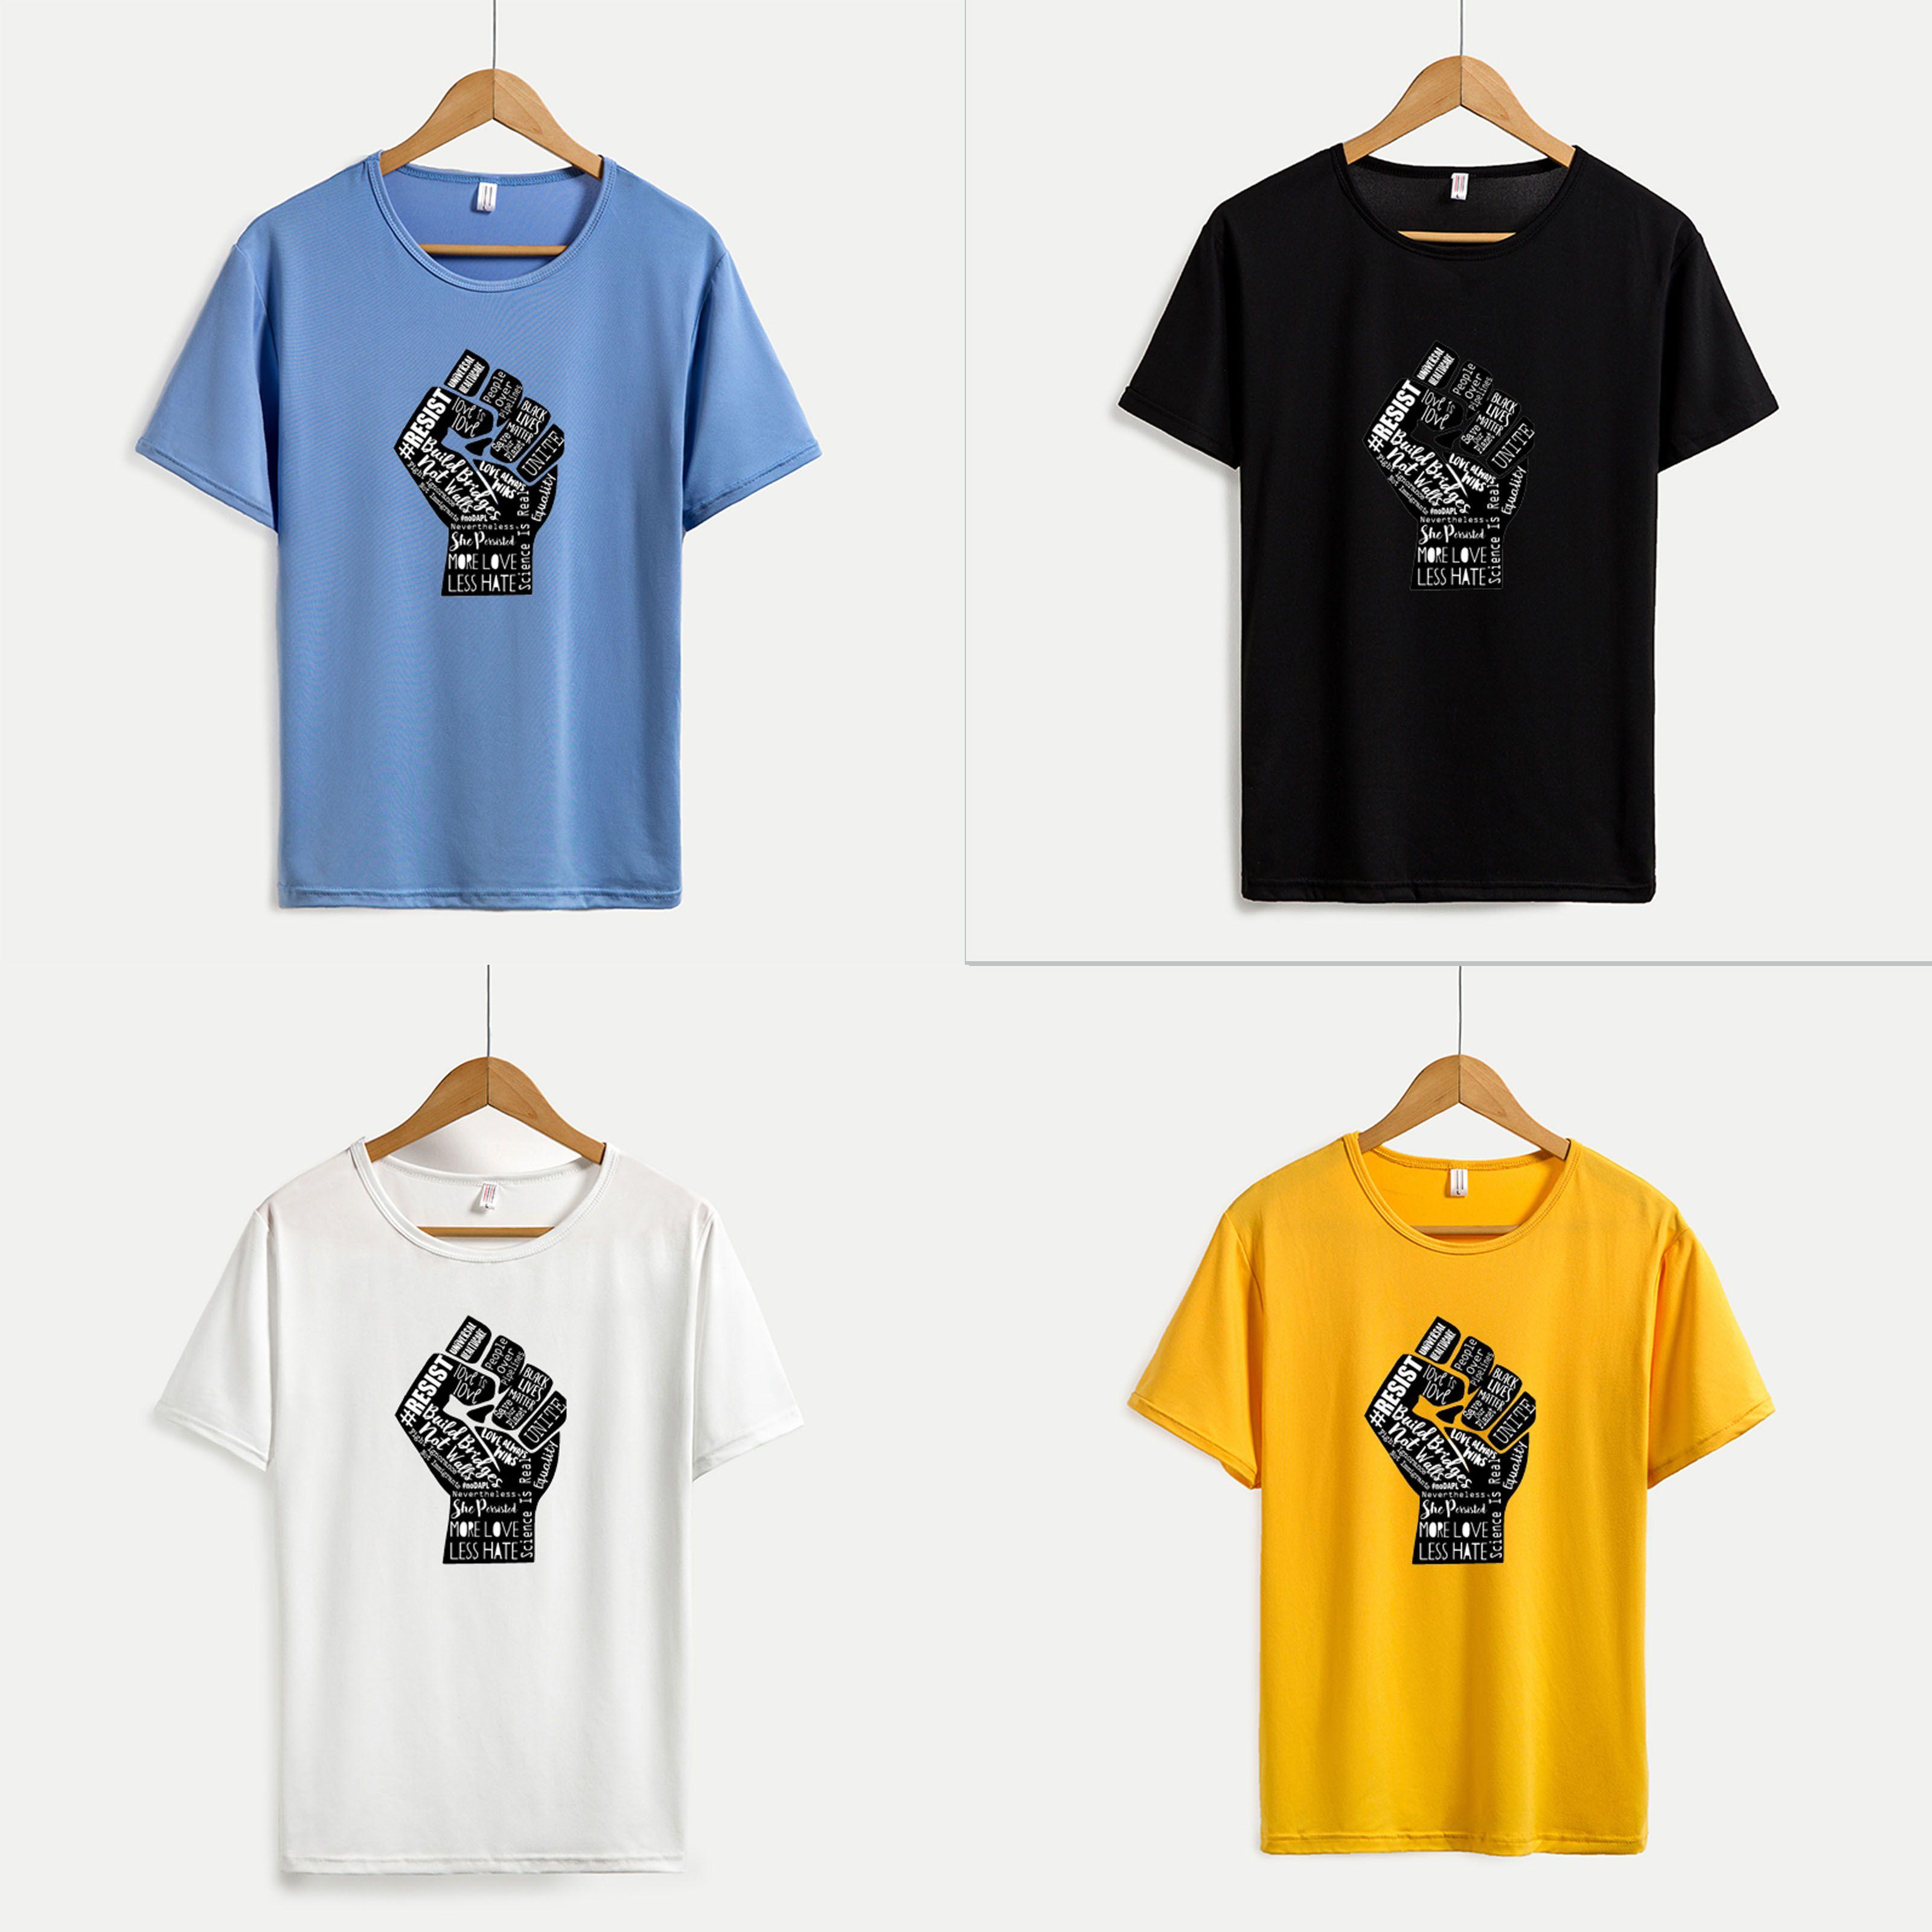 Nero Vite Matters 2020 Resist magliette per le donne di modo del modello Top per ragazze estate Tees attivi costruire ponti non muri per Wholesale